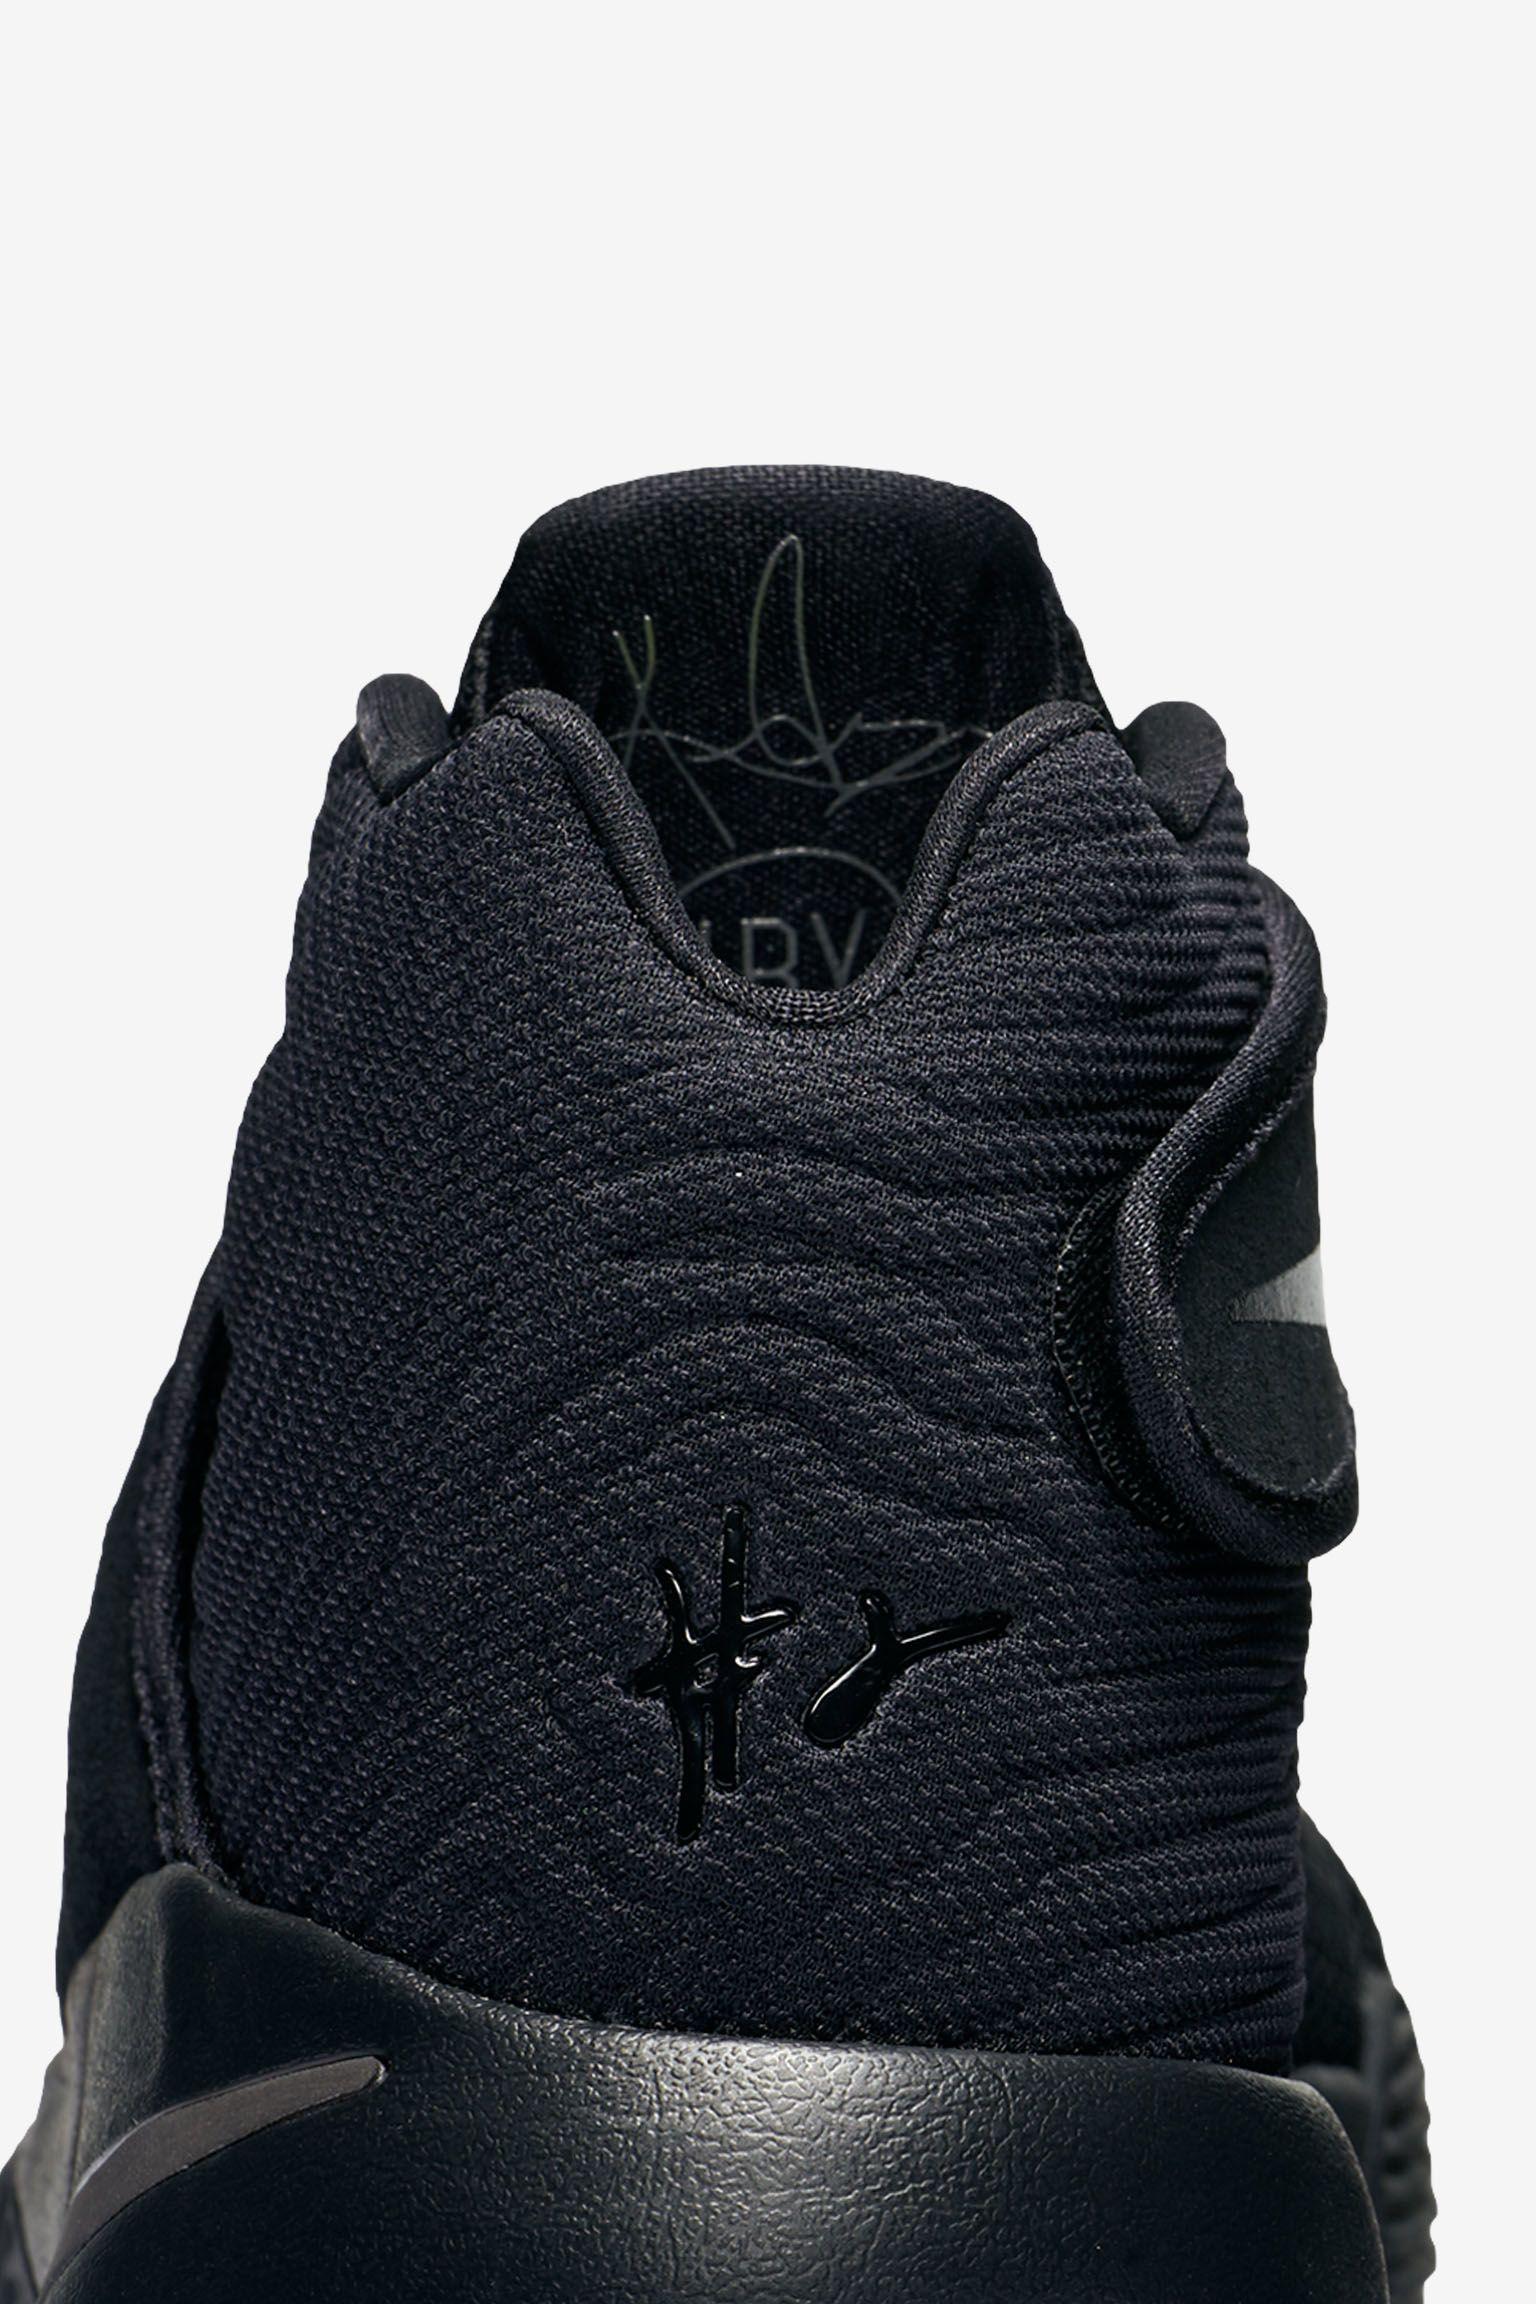 Nike Kyrie 2 'Triple Black' Release Date